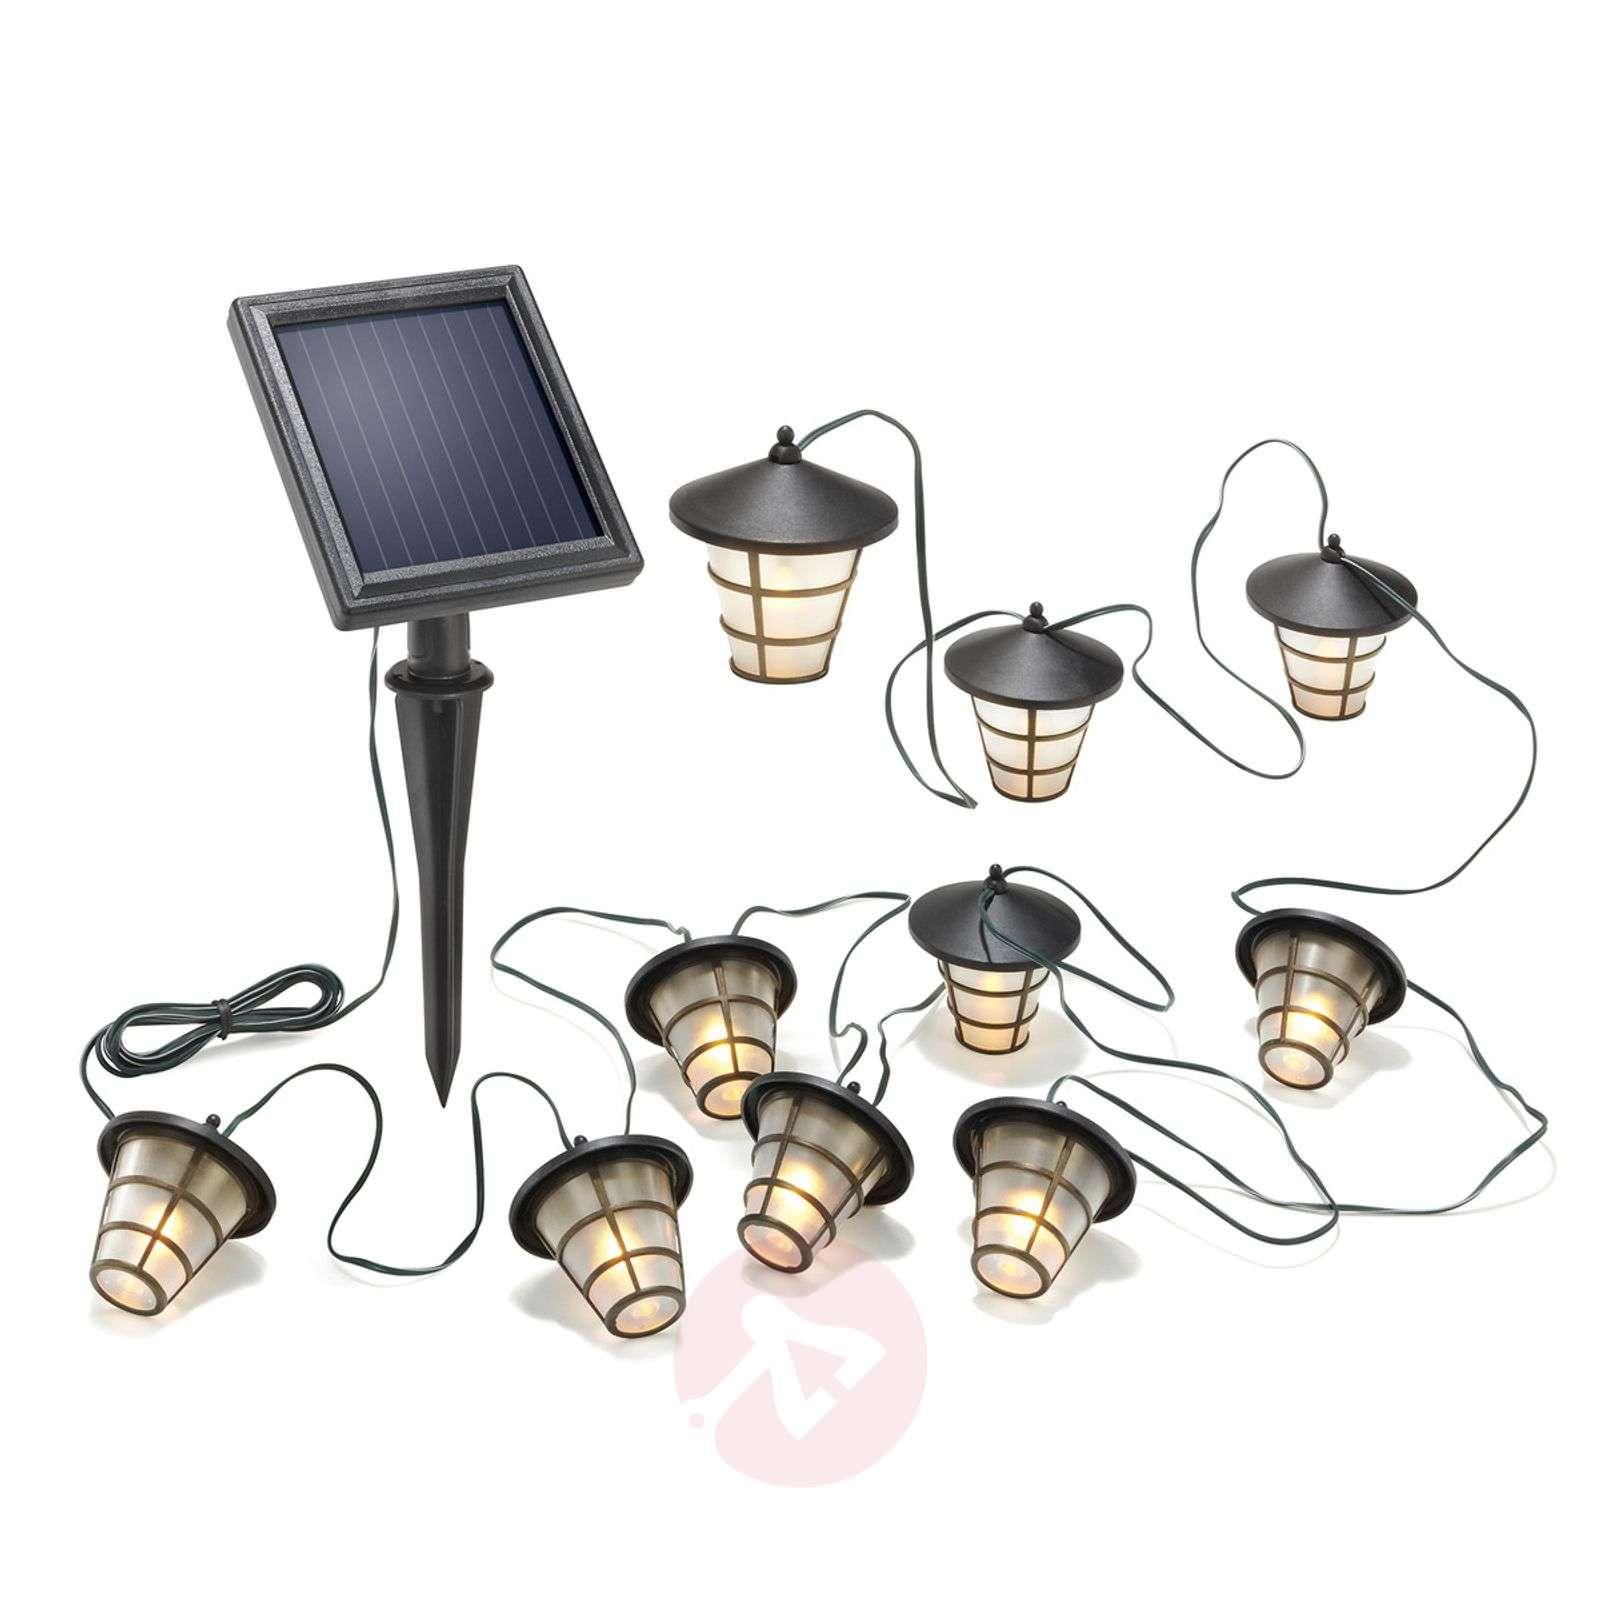 LED solar string light Asia Style-3012238-01